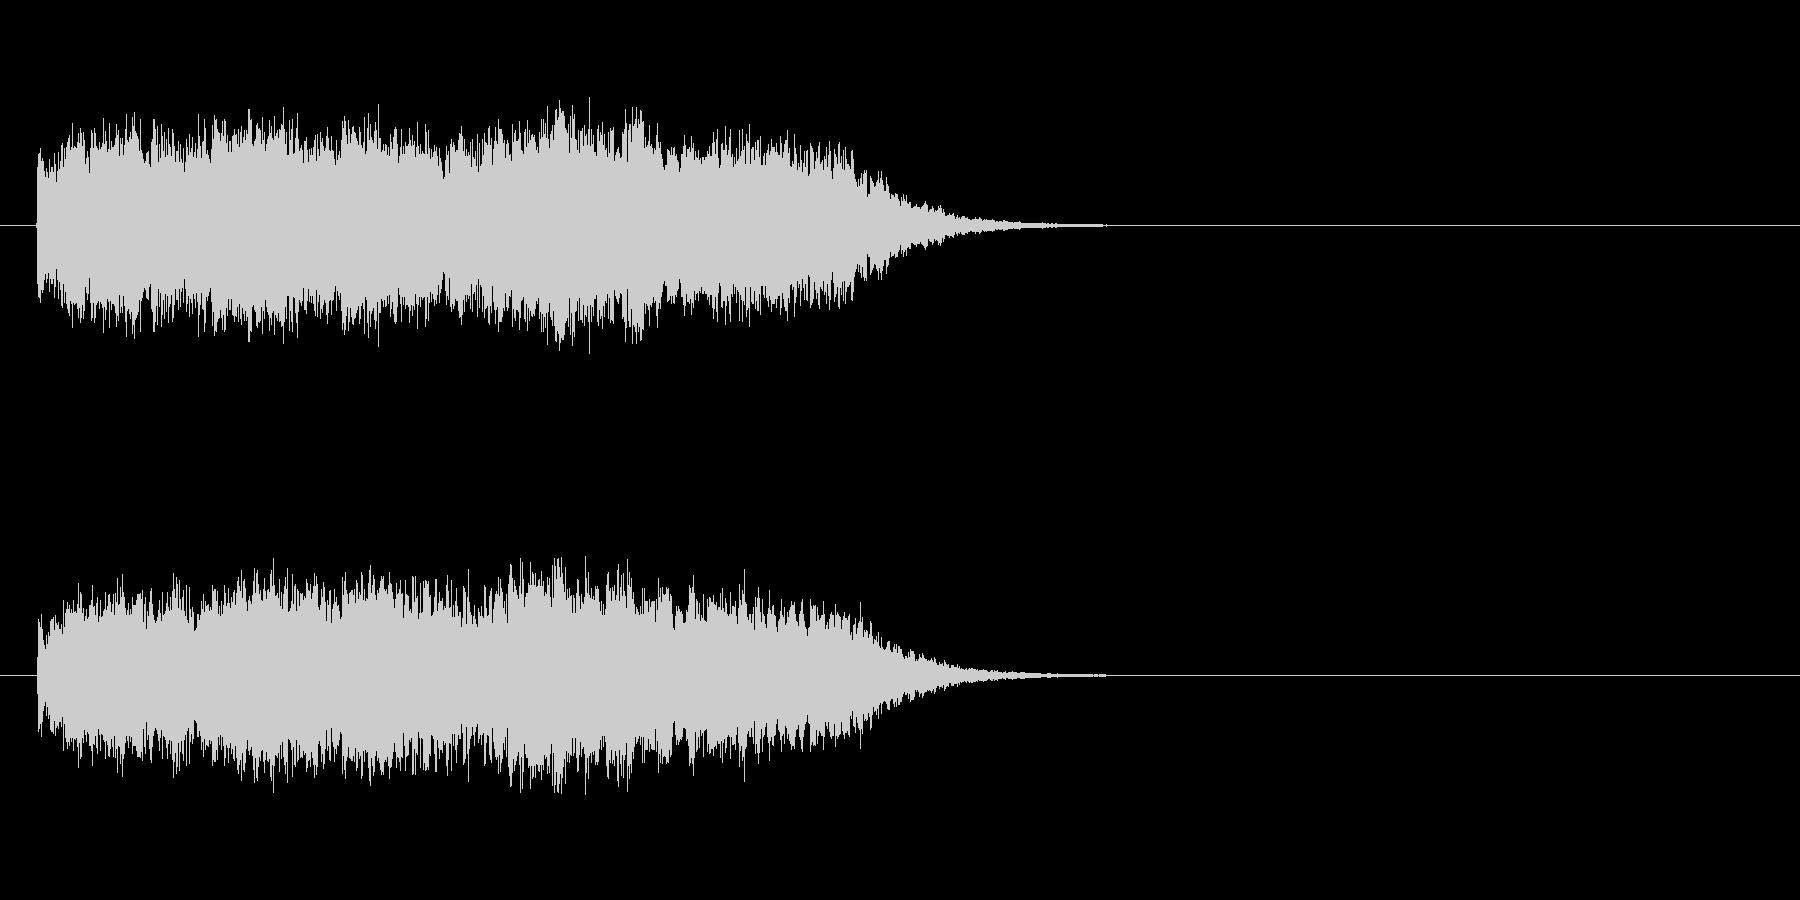 未来へ向うキラキラした明るいサウンドロゴの未再生の波形